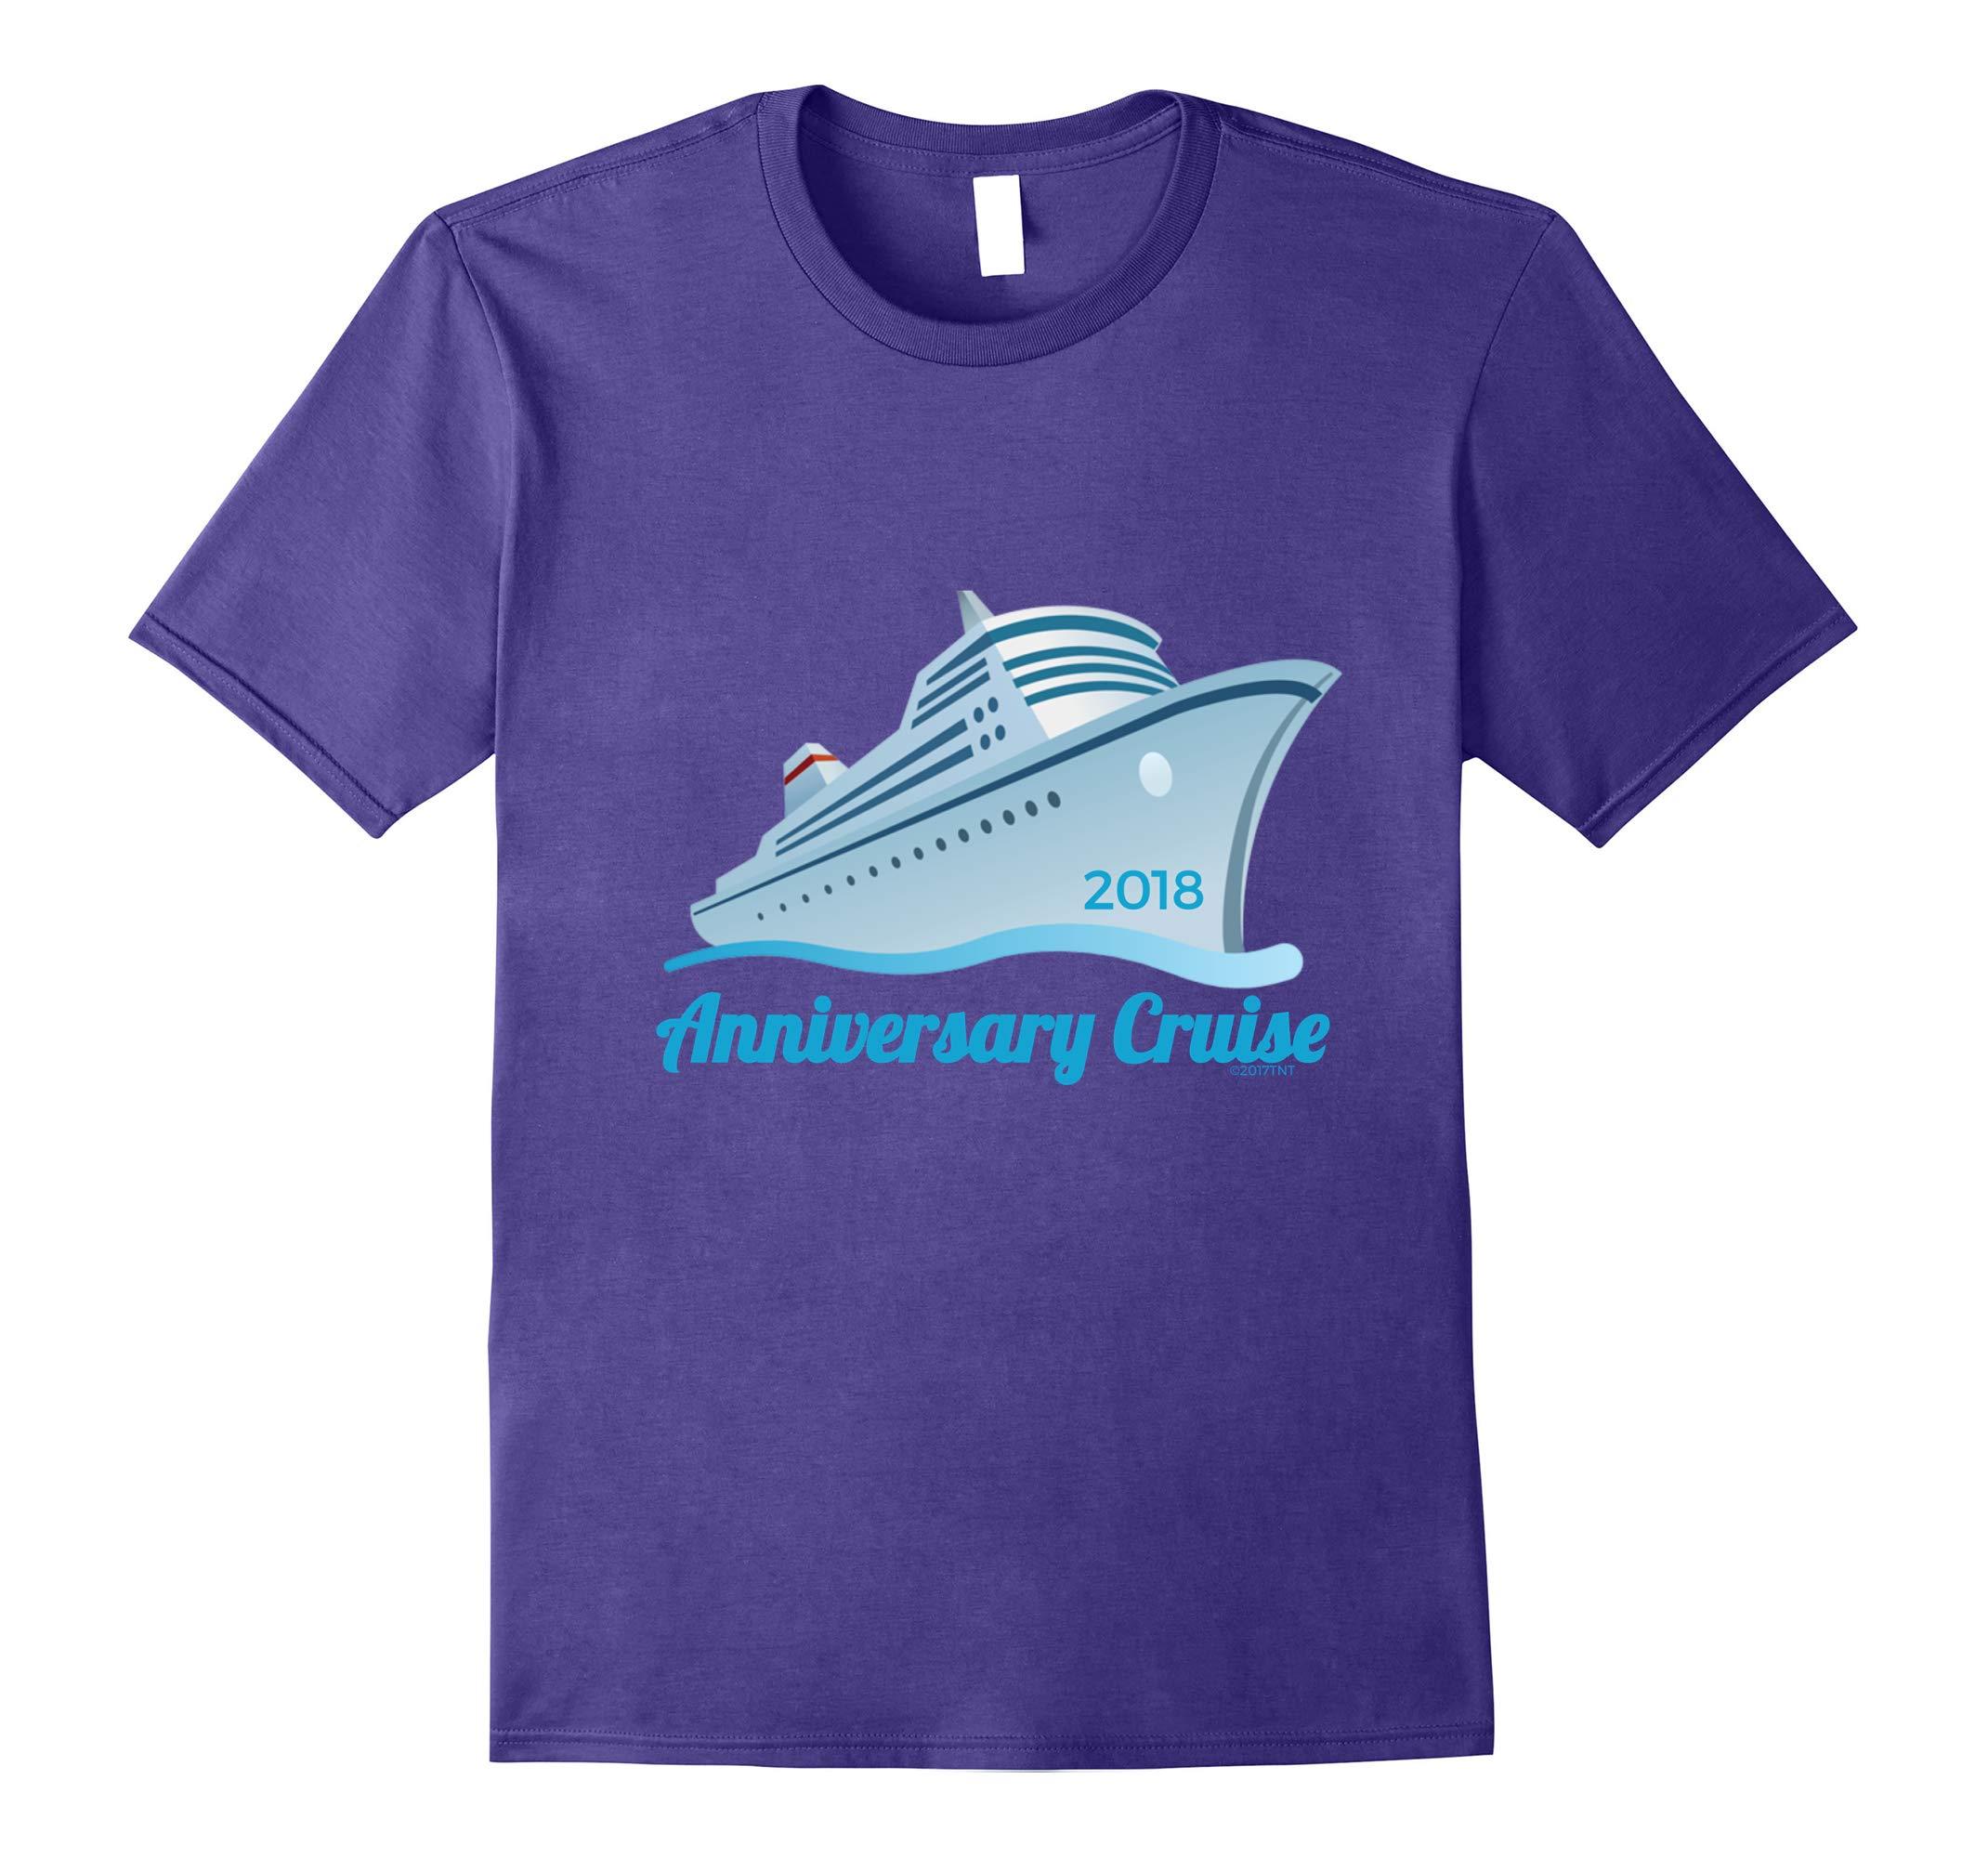 2018 Anniversary Ship Vacation Cruise Shirt-RT